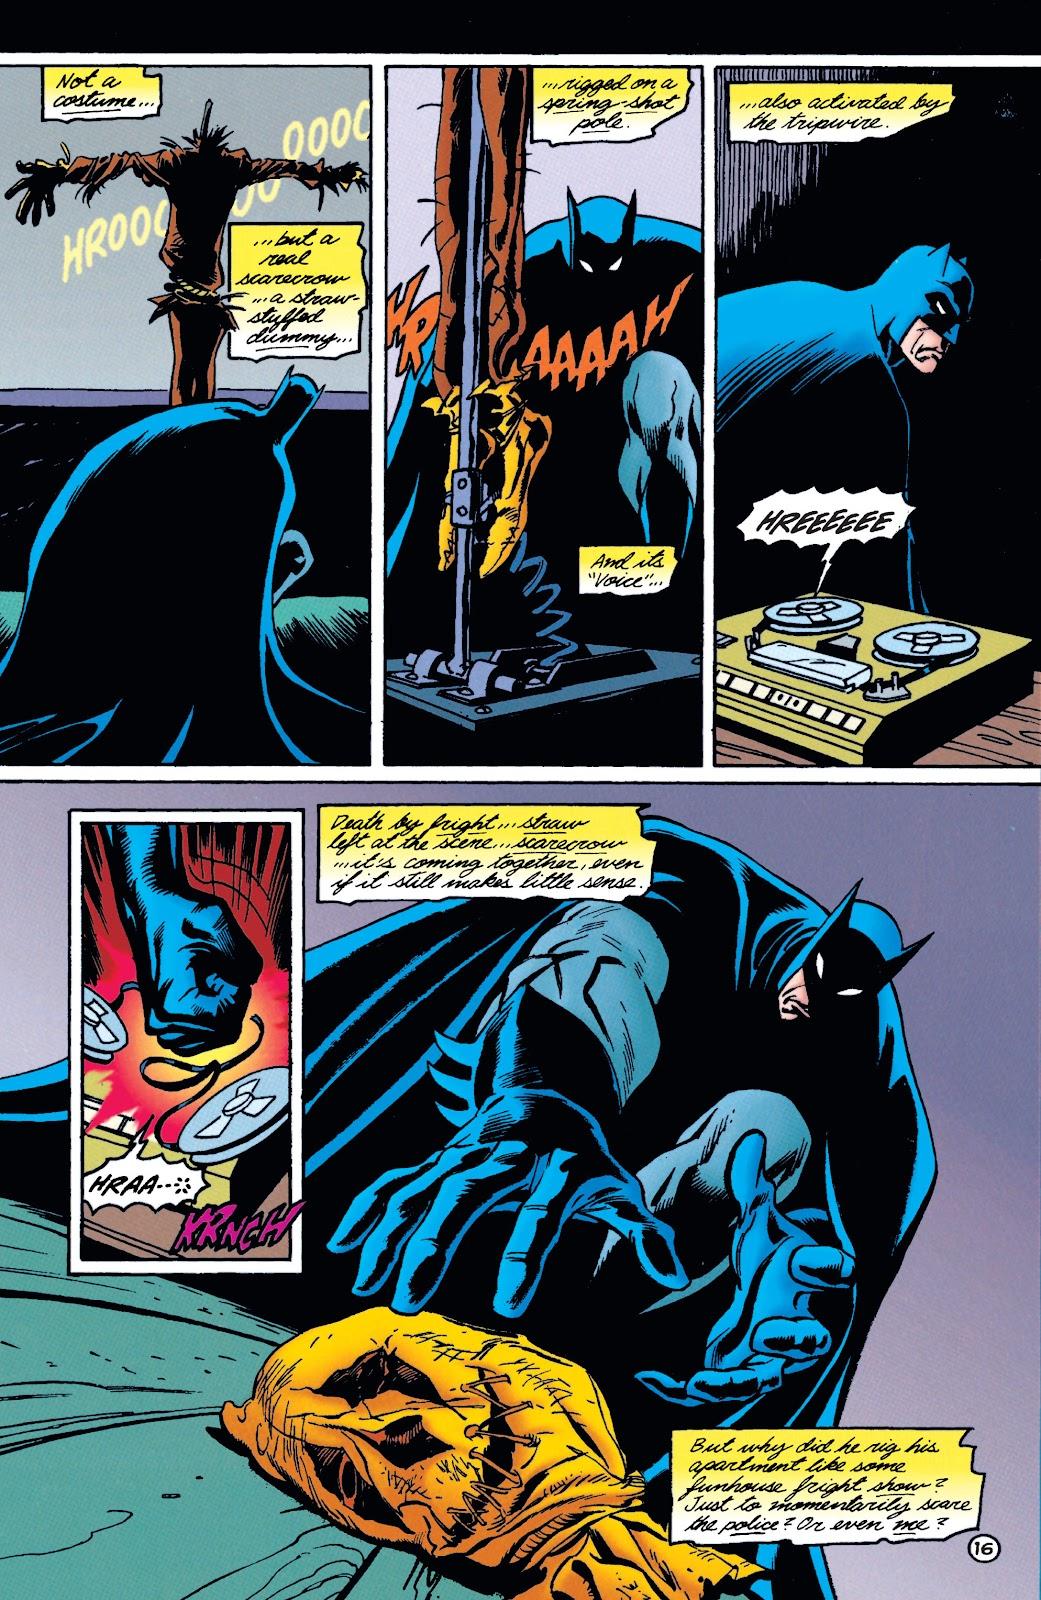 Read online Batman Arkham: Scarecrow comic -  Issue # TPB (Part 2) - 56